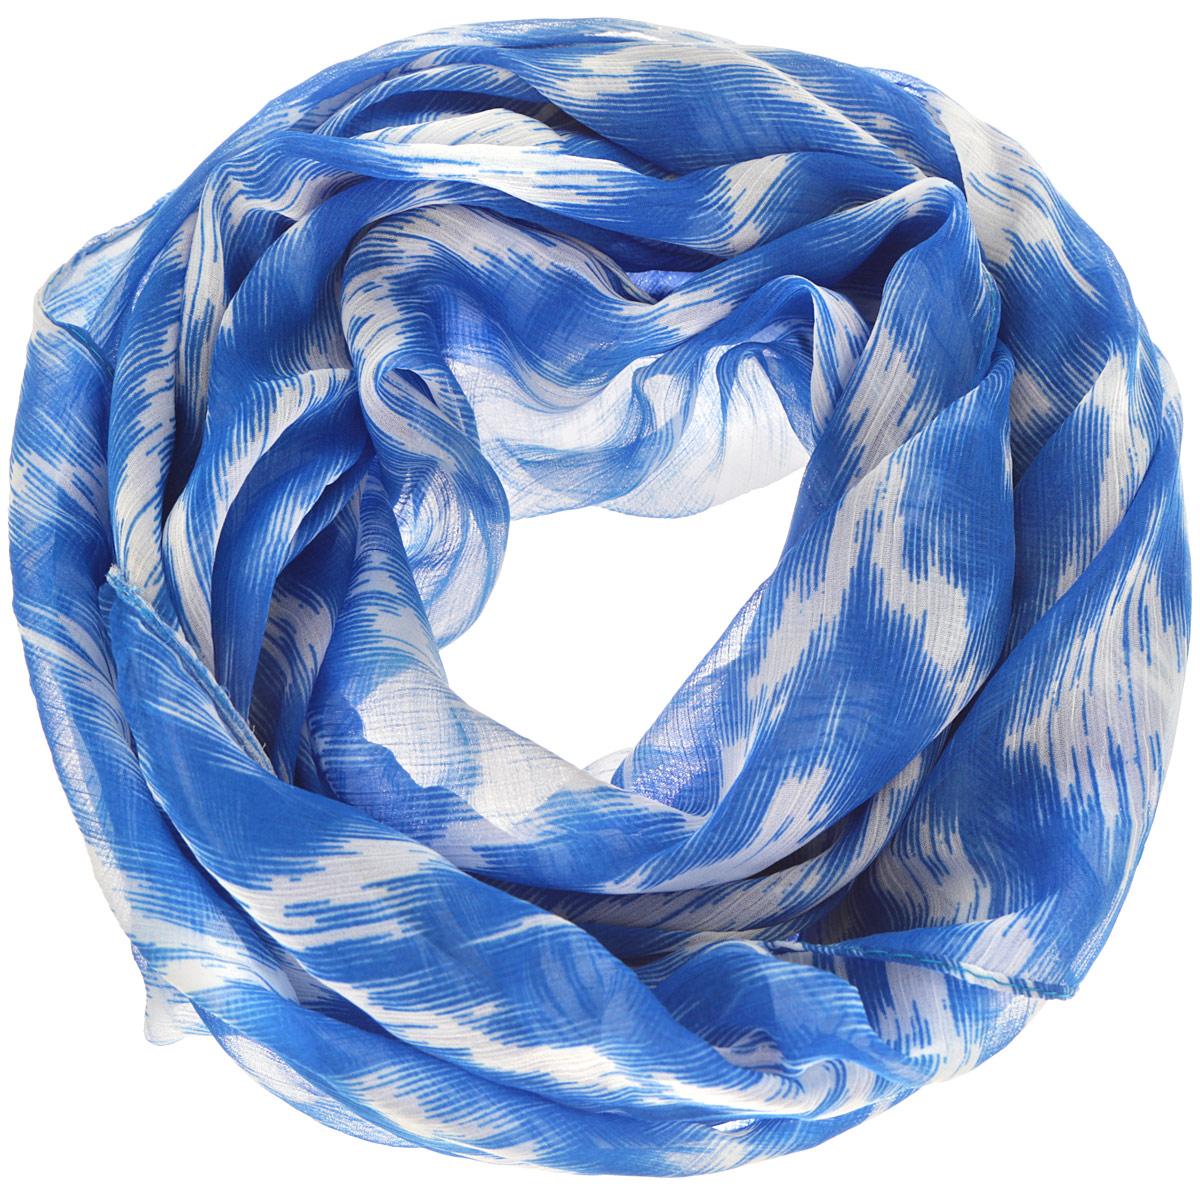 Платок женский Ethnica, цвет: ярко-синий, белый. 524040н. Размер 100 см х 100 см524040нСтильный женский платок Ethnica станет великолепным завершением любого наряда. Платок изготовлен из 100% вискозы и оформлен оригинальным орнаментом. Классическая квадратная форма позволяет носить платок на шее, украшать им прическу или декорировать сумочку. Такой платок превосходно дополнит любой наряд и подчеркнет ваш неповторимый вкус и элегантность.